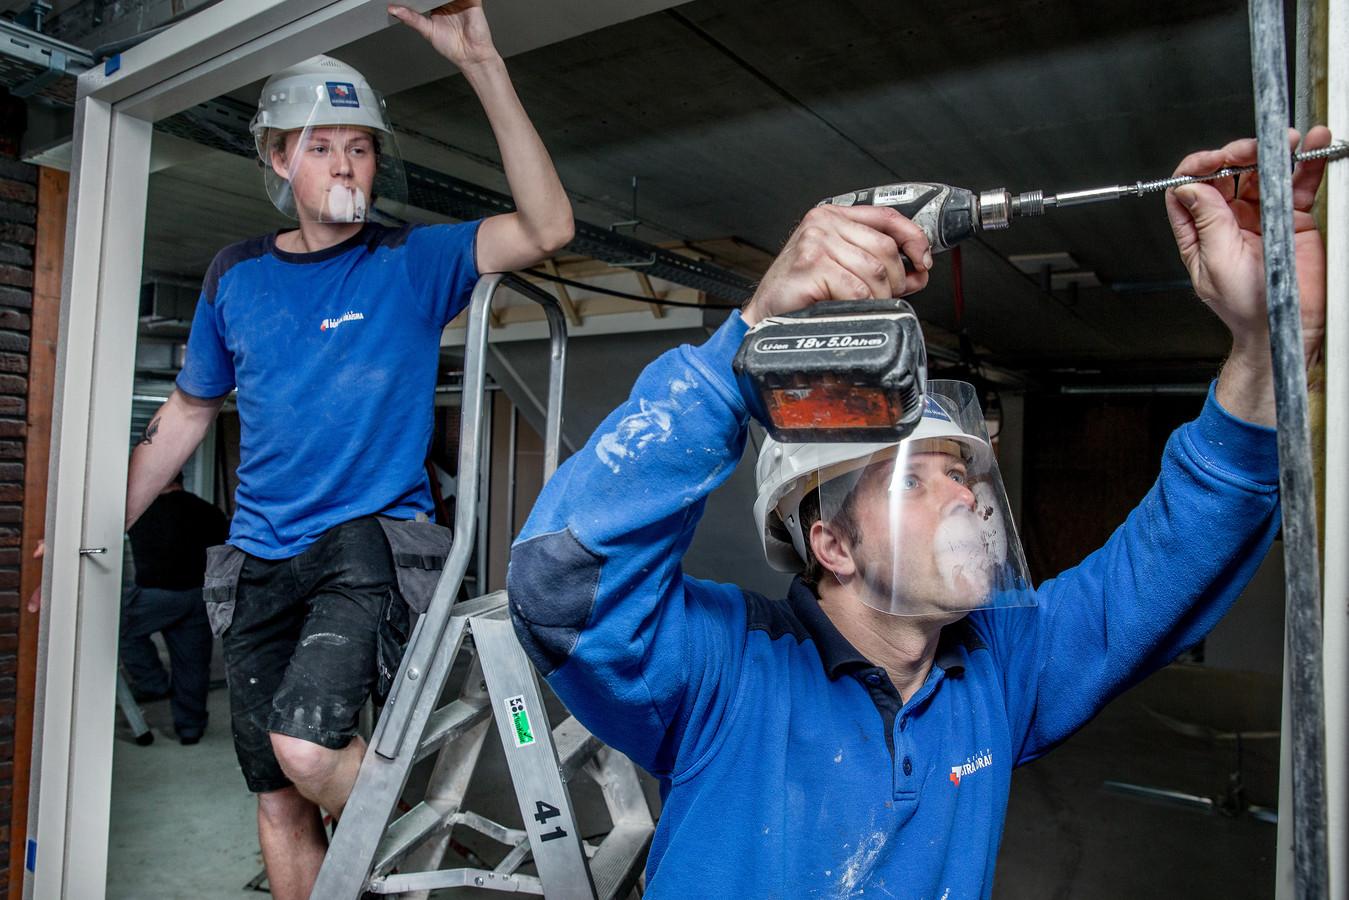 De bouwvakkers van bouwbedrijf Dijkstra Draisma dragen op hun werkplek in Hoorn de door het bedrijf zelf ontwikkelde veiligheidsmaskers als ze werkzaamheden moeten uitvoeren waarbij de 1,5 meter afstand niet kan worden aangehouden.